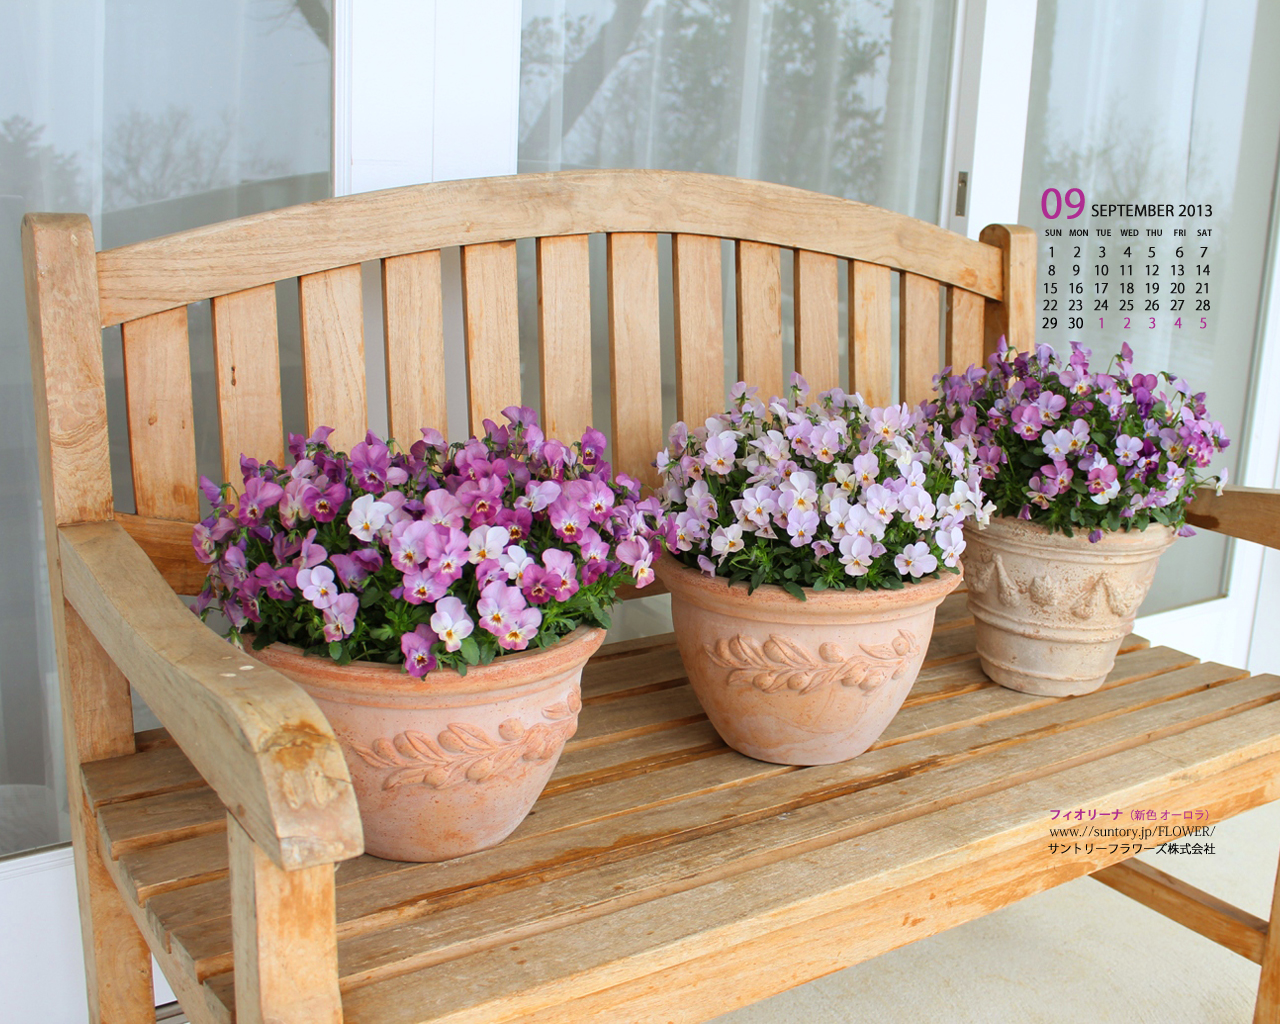 壁紙カレンダー9月 デジタルおまけ 花のある暮らし ガーデニング 園芸